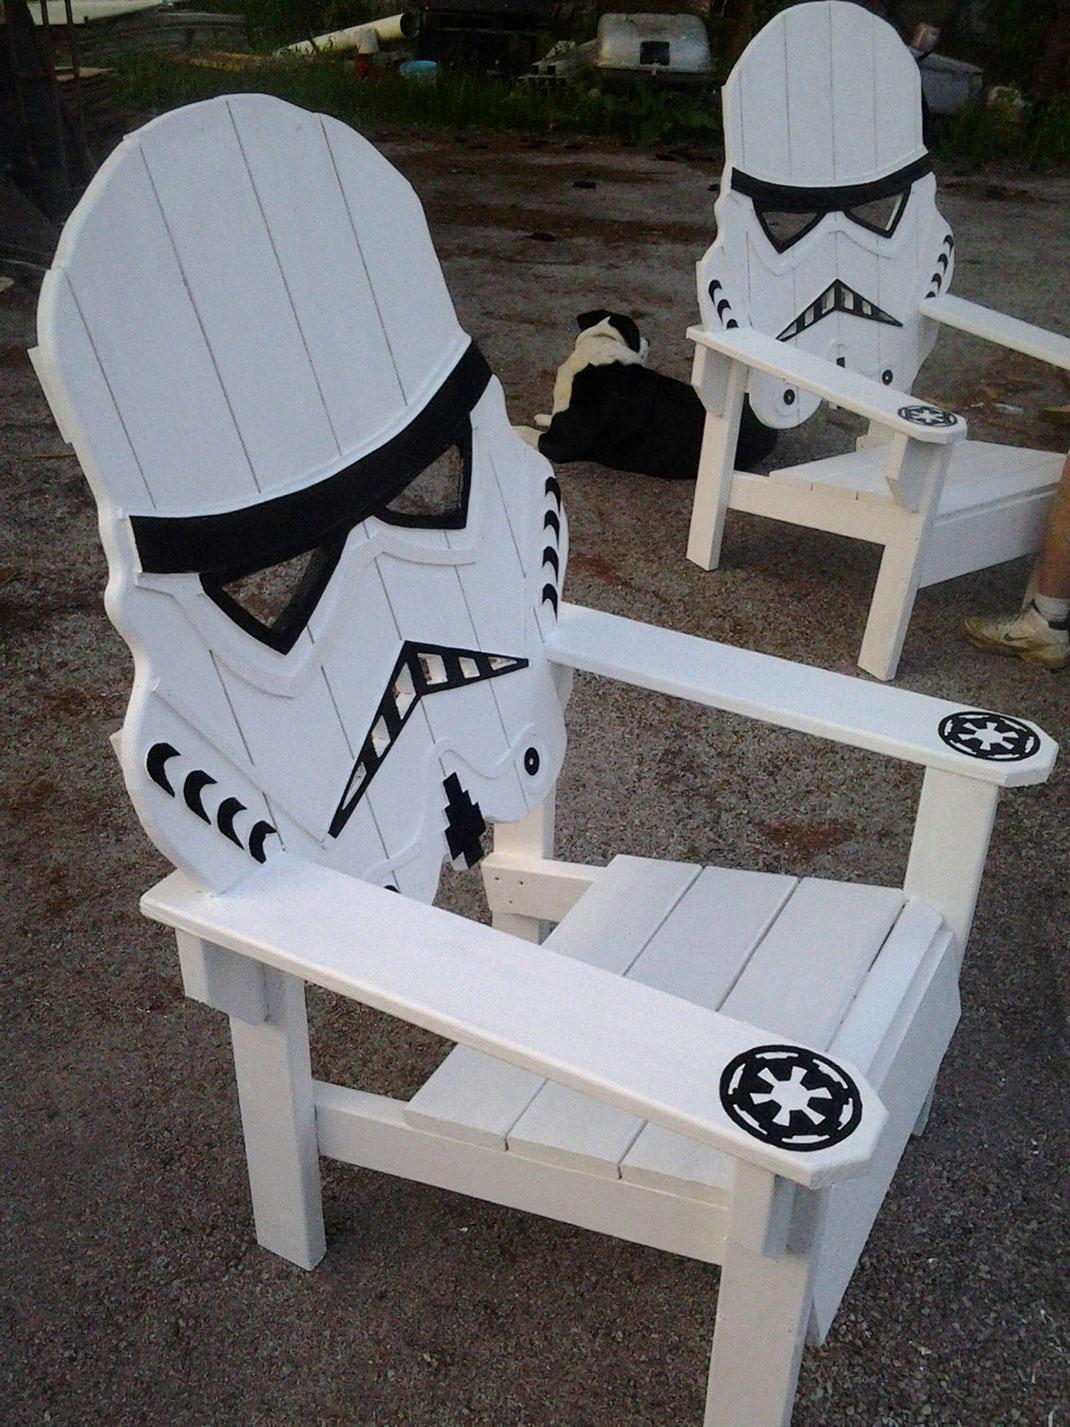 20 meubles totalement geek pour assortir votre intérieur à votre ...